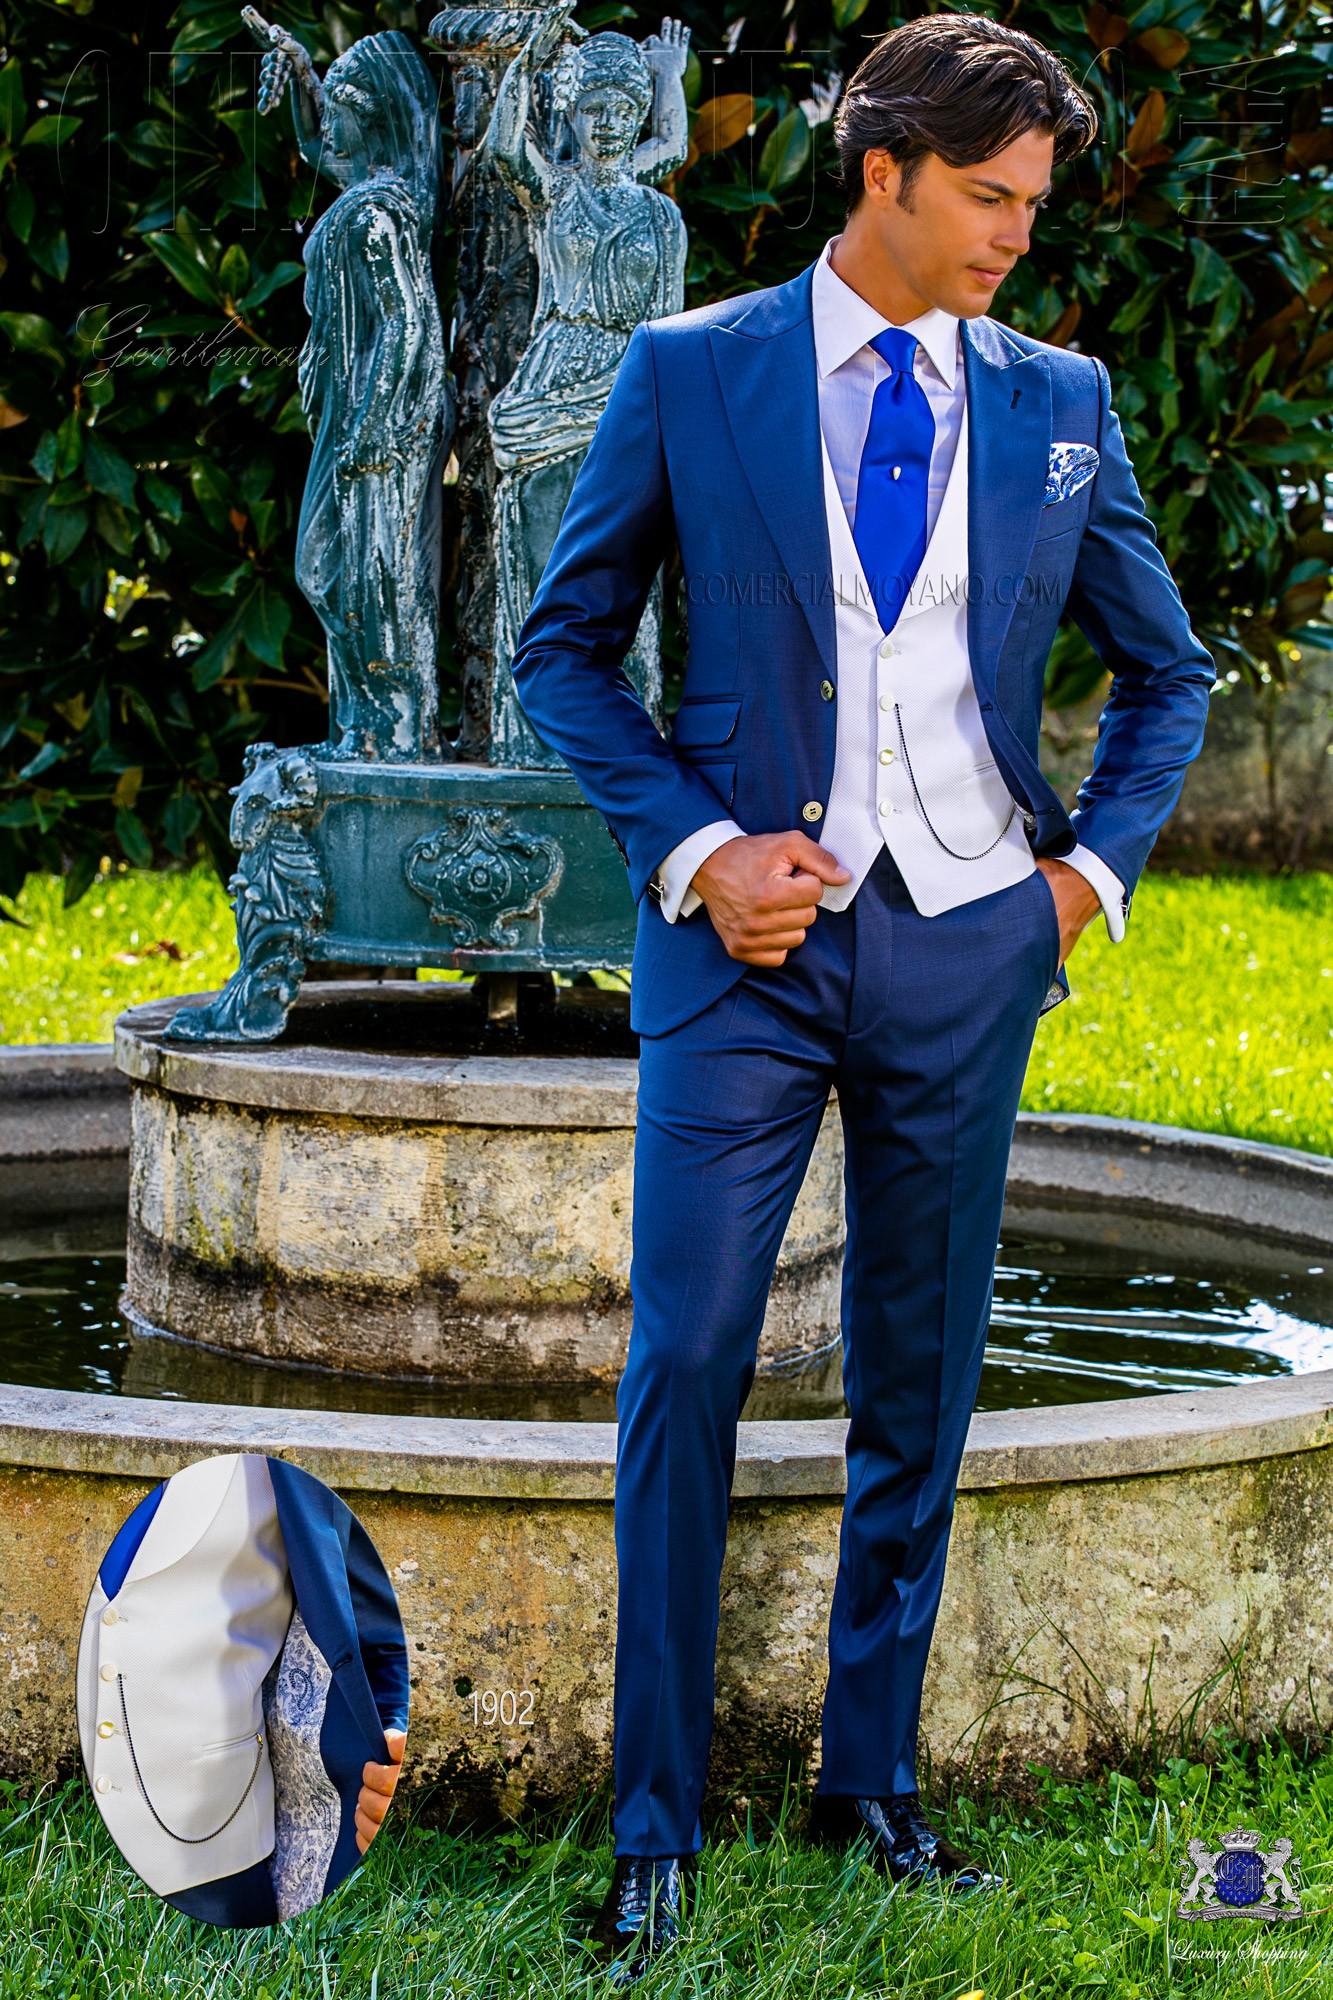 Essayages du costume du marié   4 éléments à prendre en compte à tout prix ! 3ddd9bf07f9